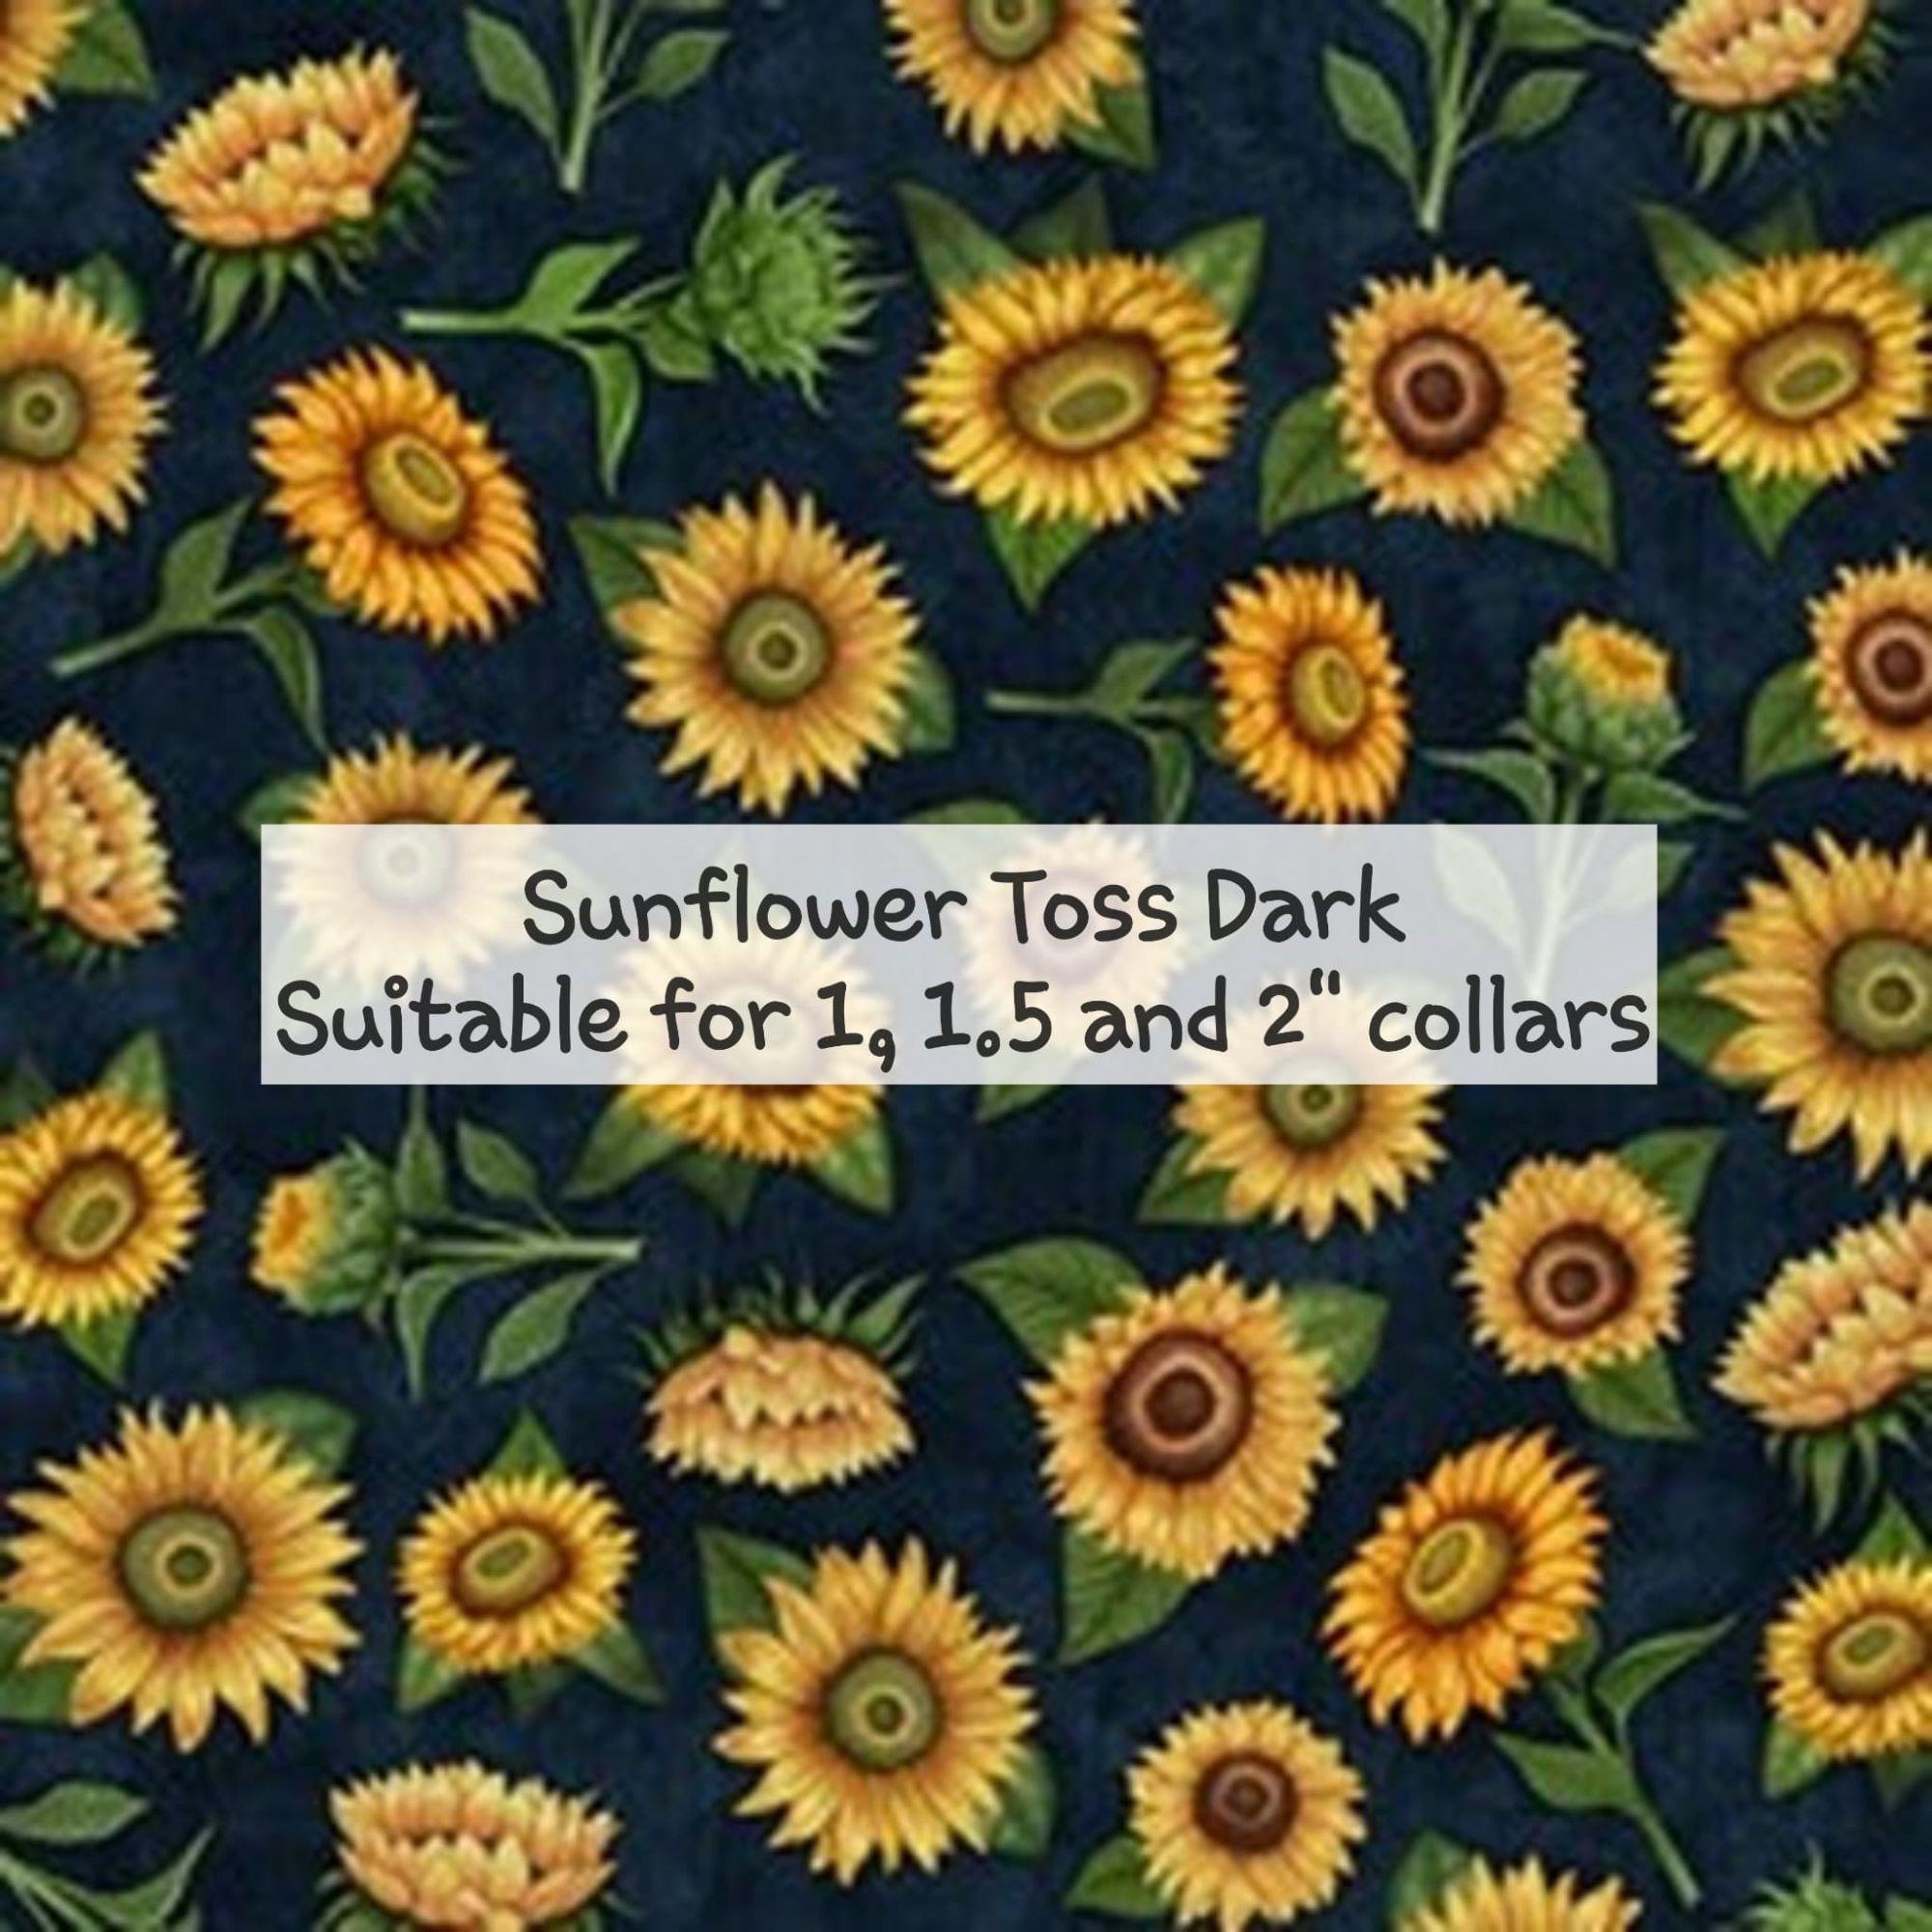 Sunflower Toss Dark